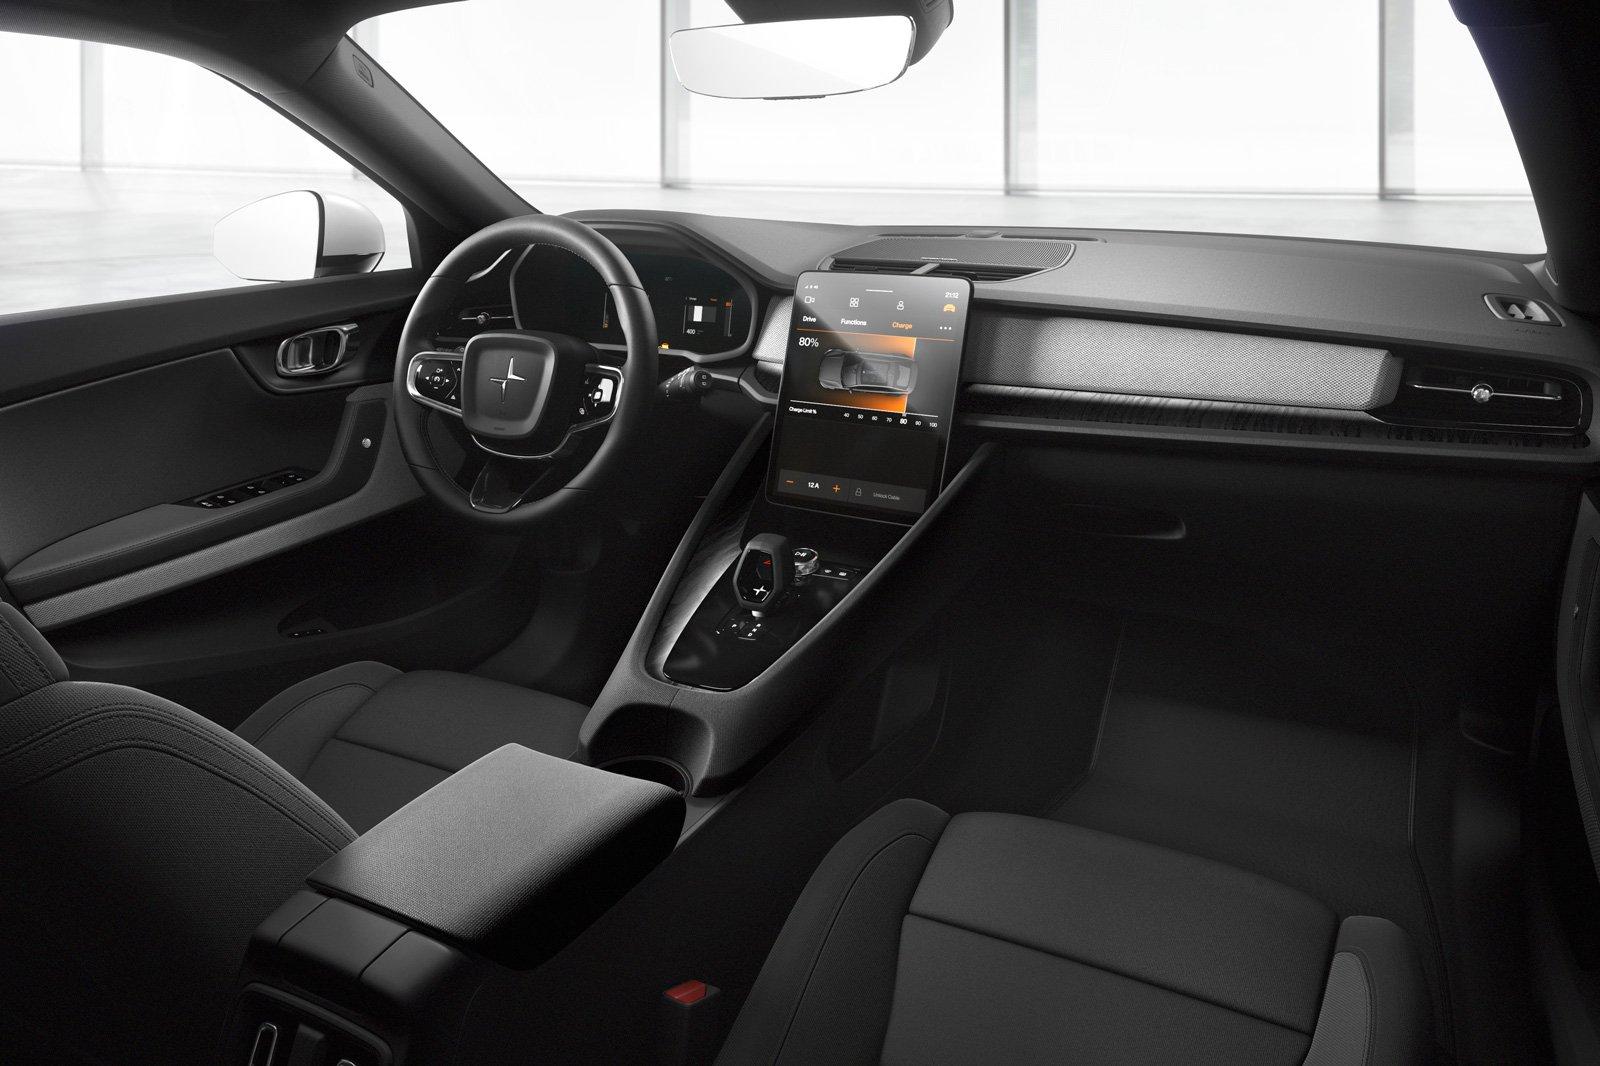 2020 Polestar 2 interior